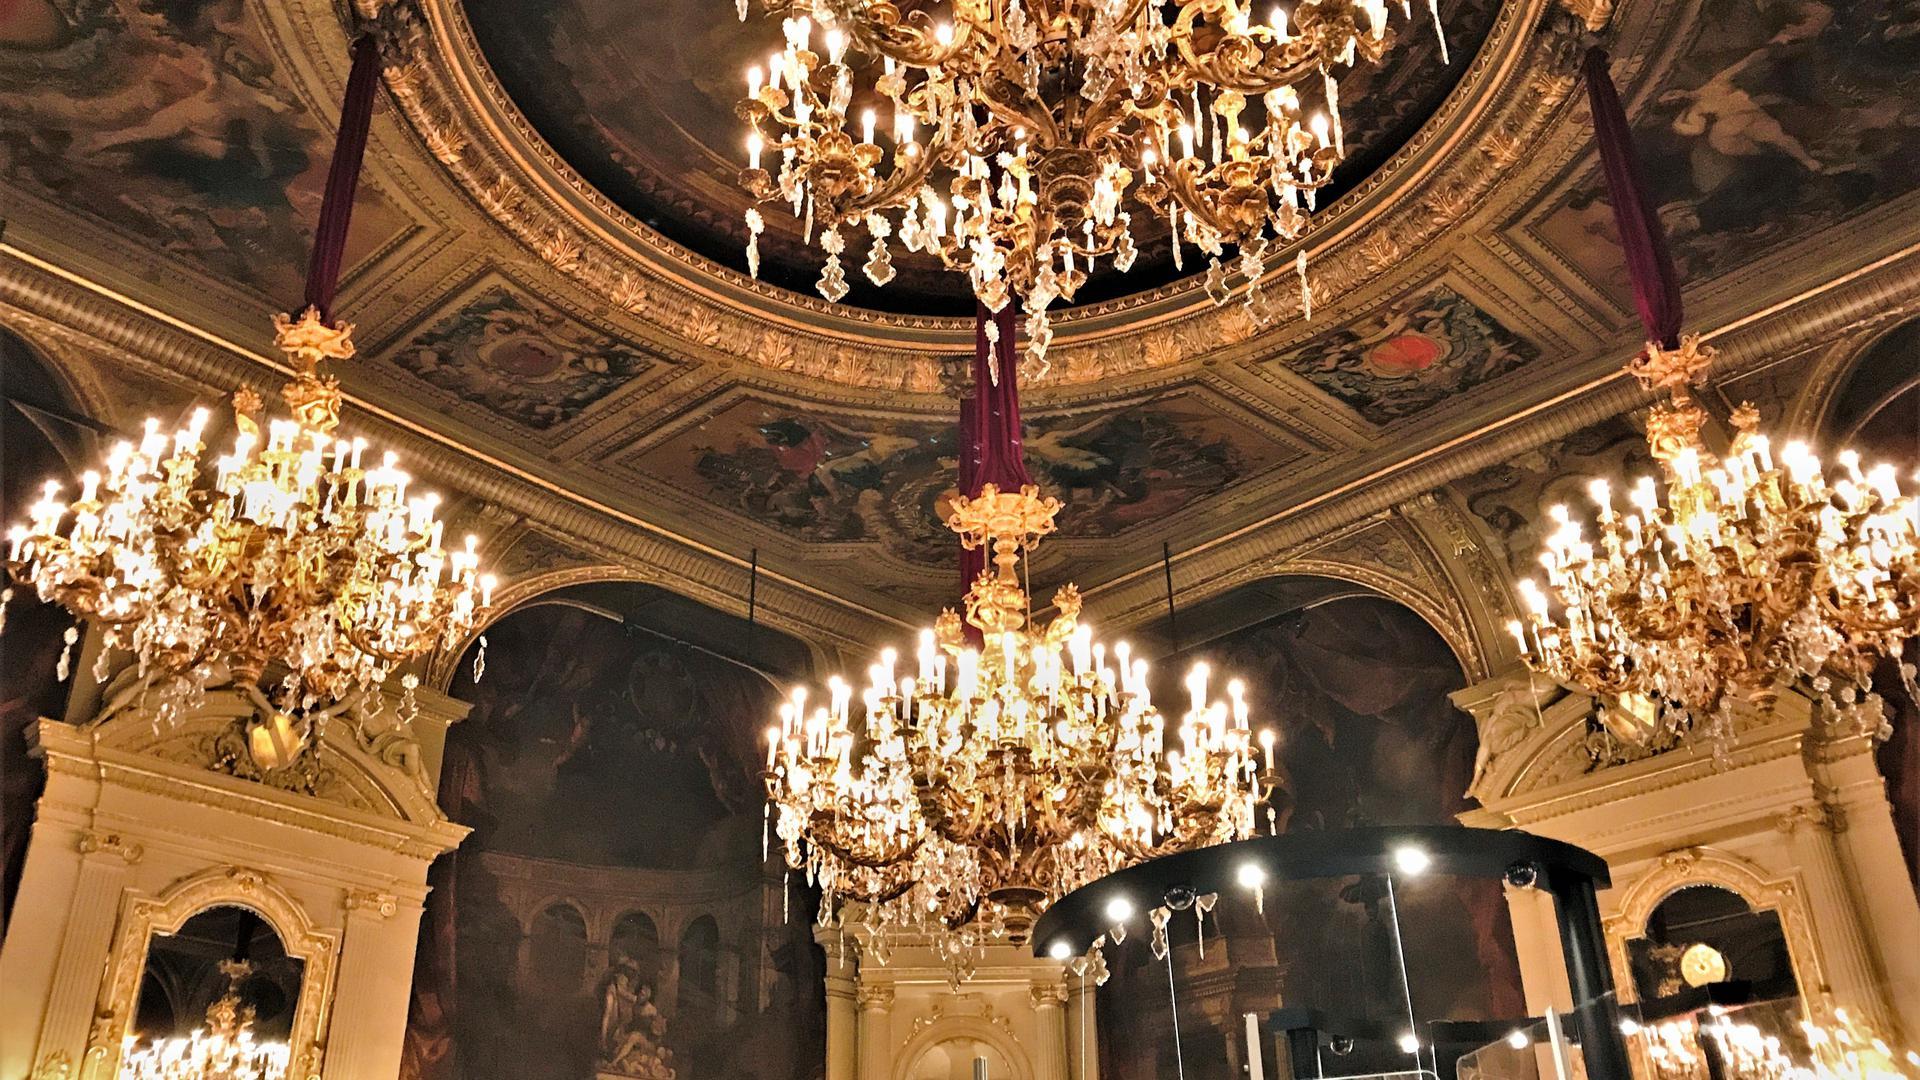 Der historische Florentinersaal im Casino im Kurhaus Baden-Baden. Hier rollt die Roulettekugel unter Kronleuchtern.